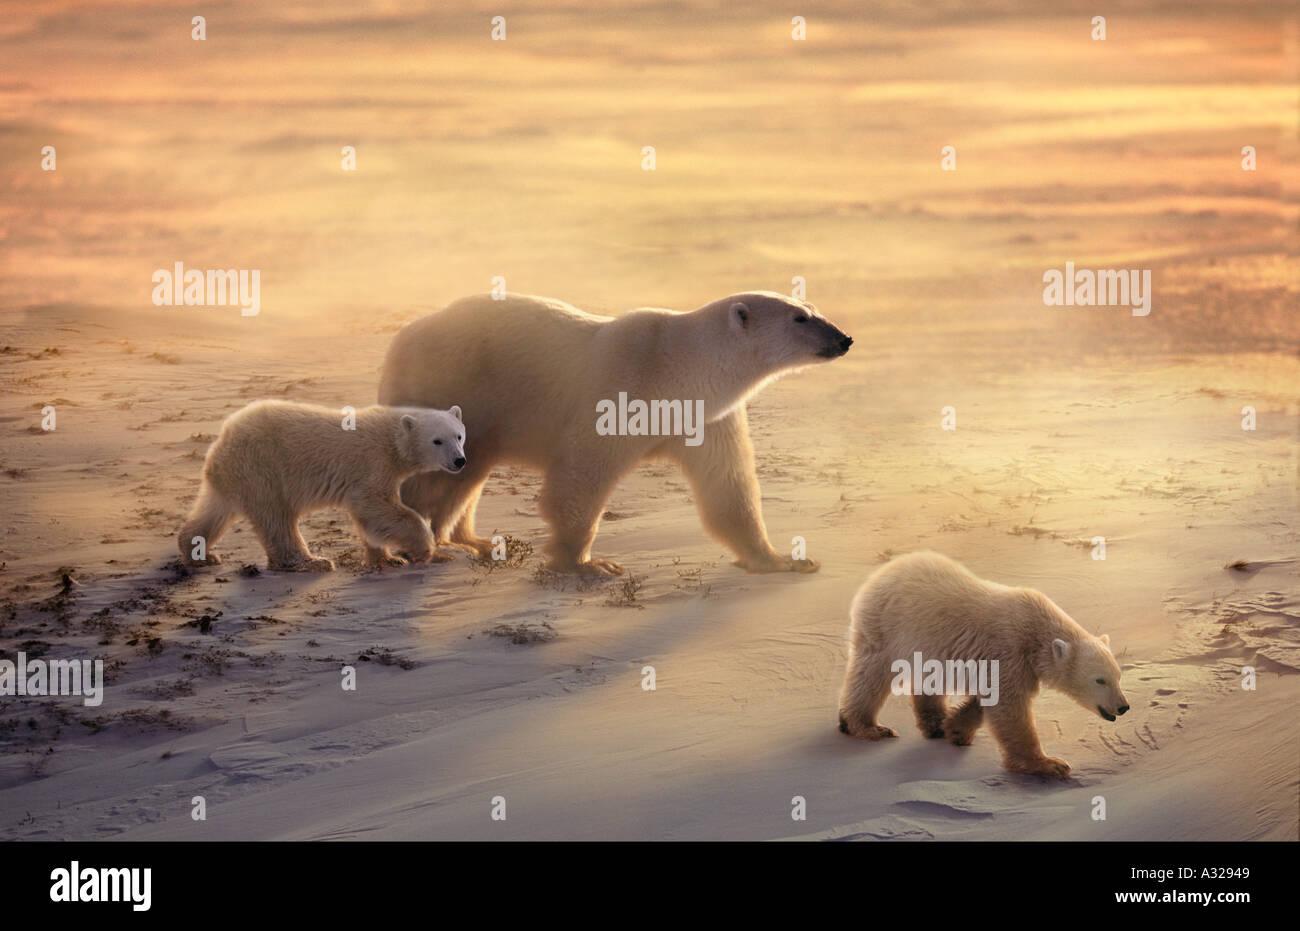 Oso Polar madre y cachorros en la nieve y el viento Cape Churchill Manitoba Canada Imagen De Stock